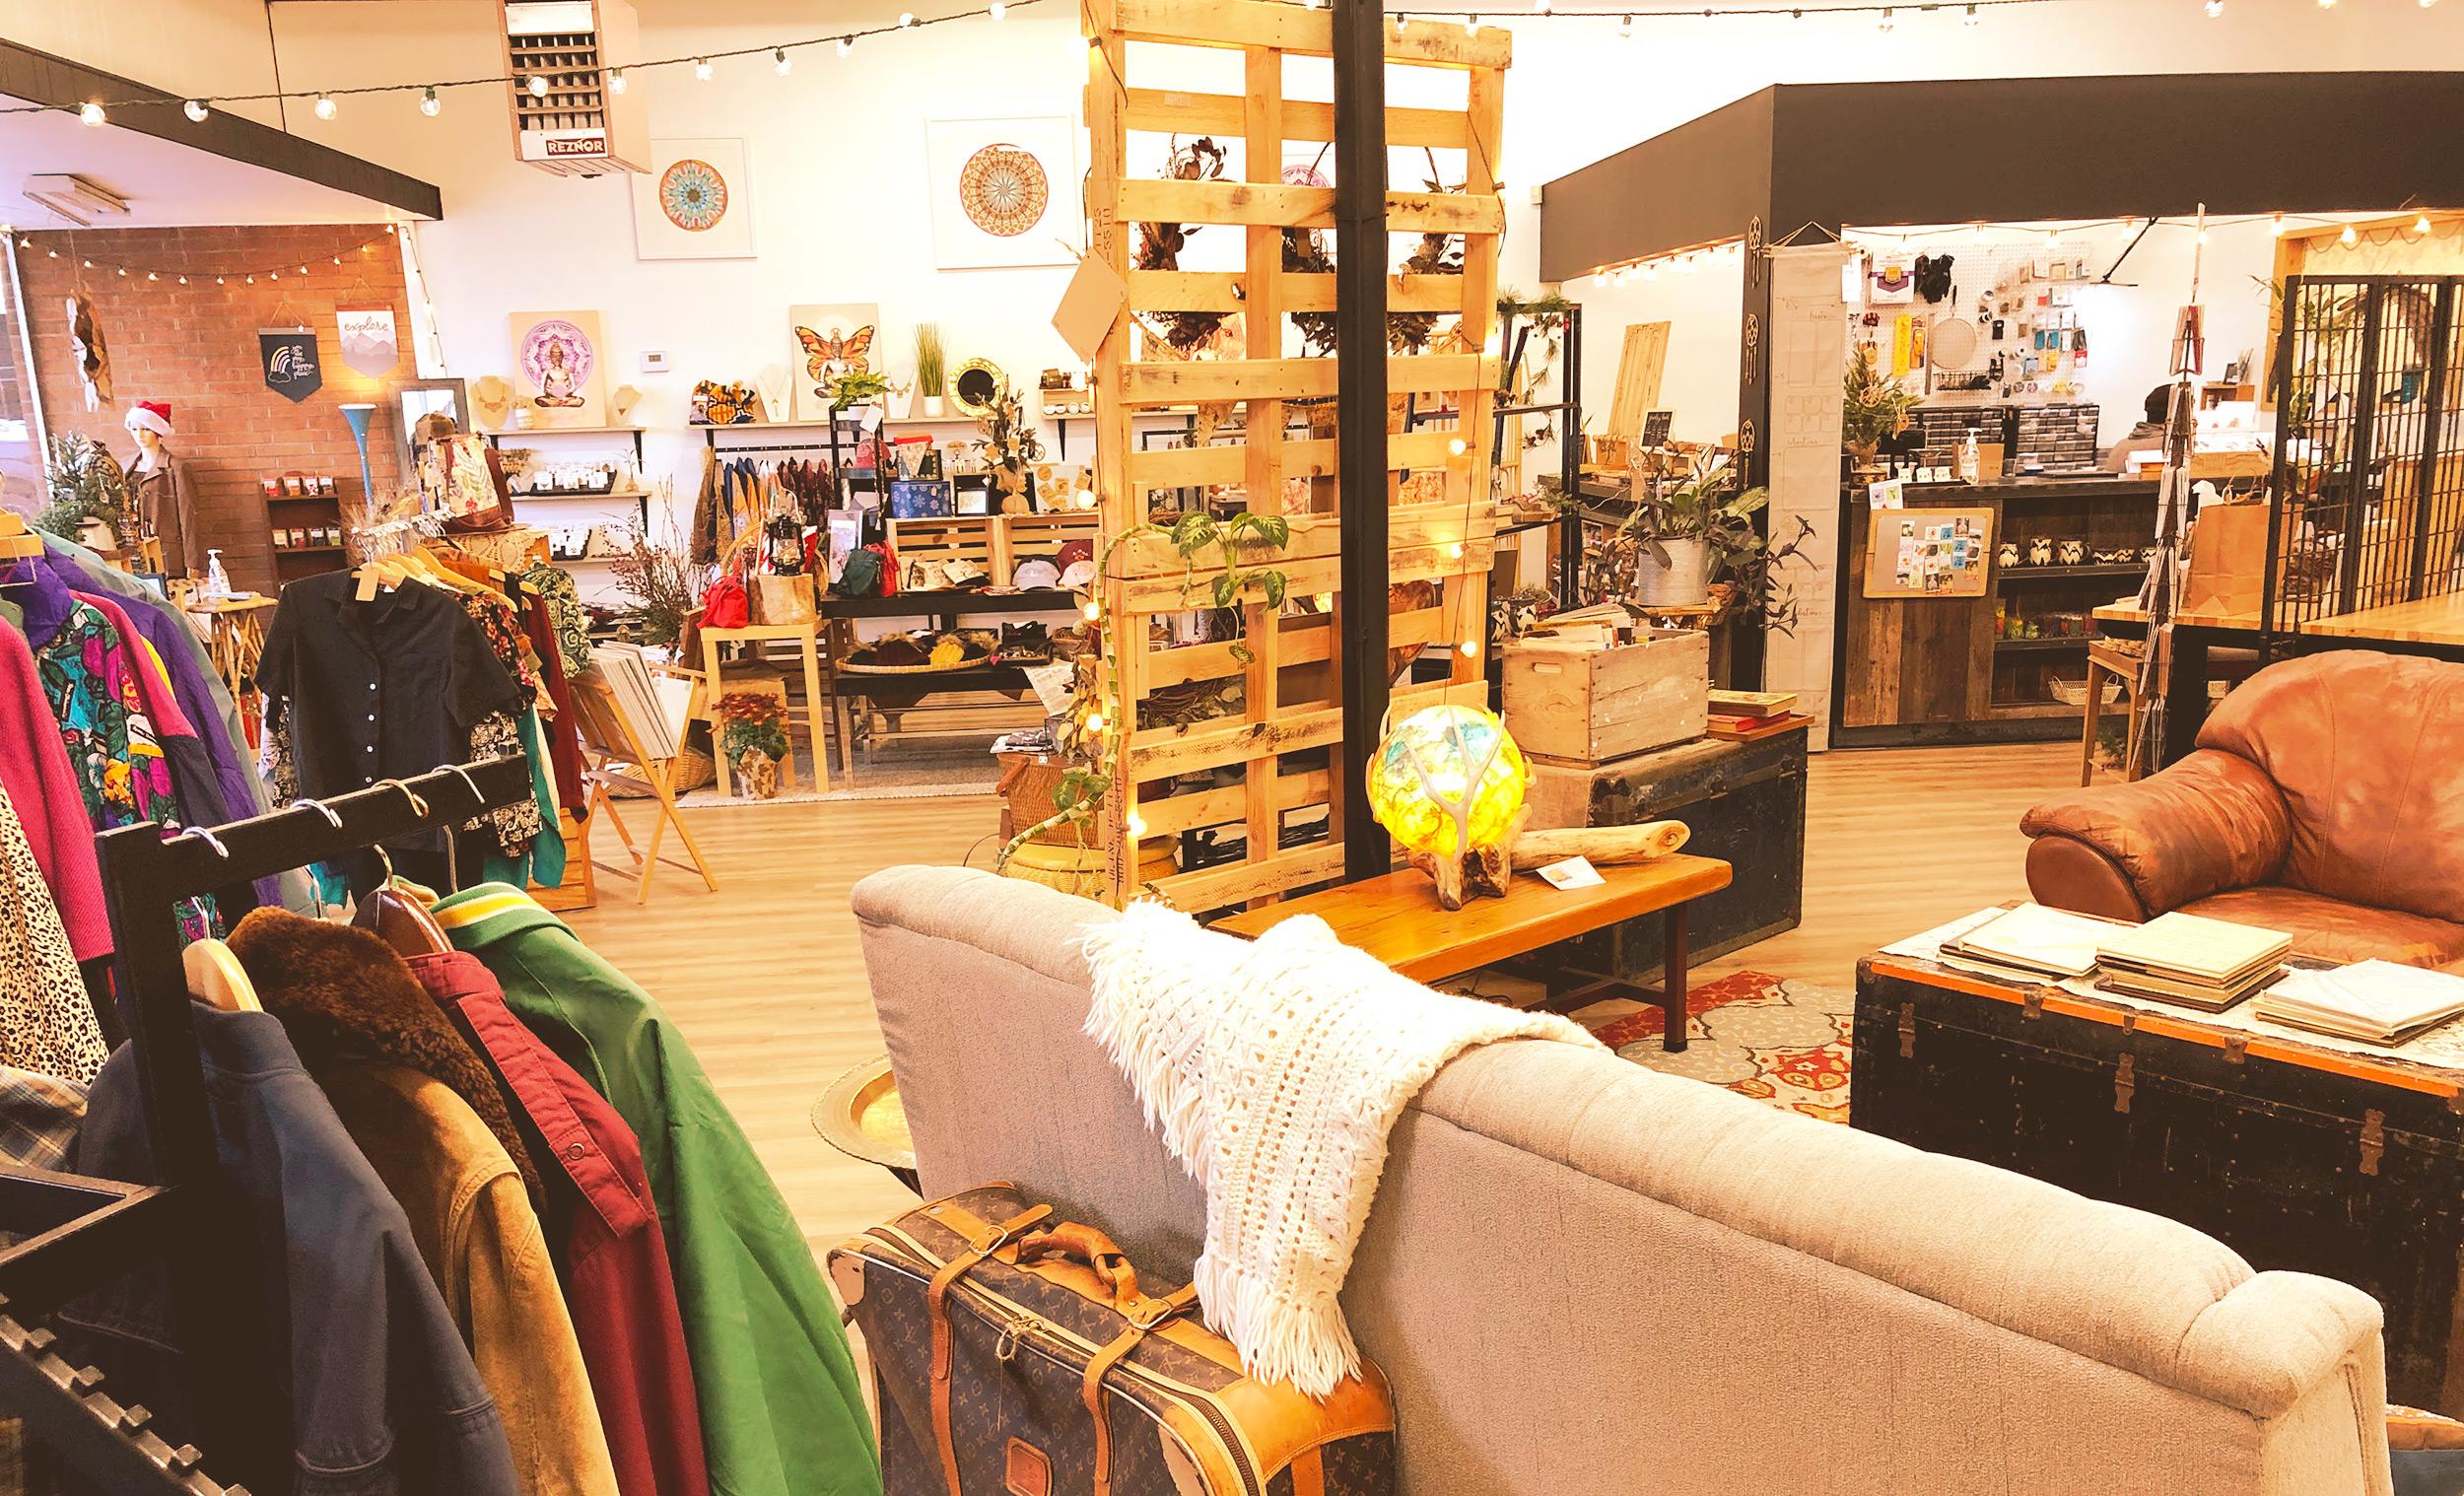 Mosaic Montrose Colorado boutique, contemporary gallery, vintage store, handmade, diy workshops creative studio